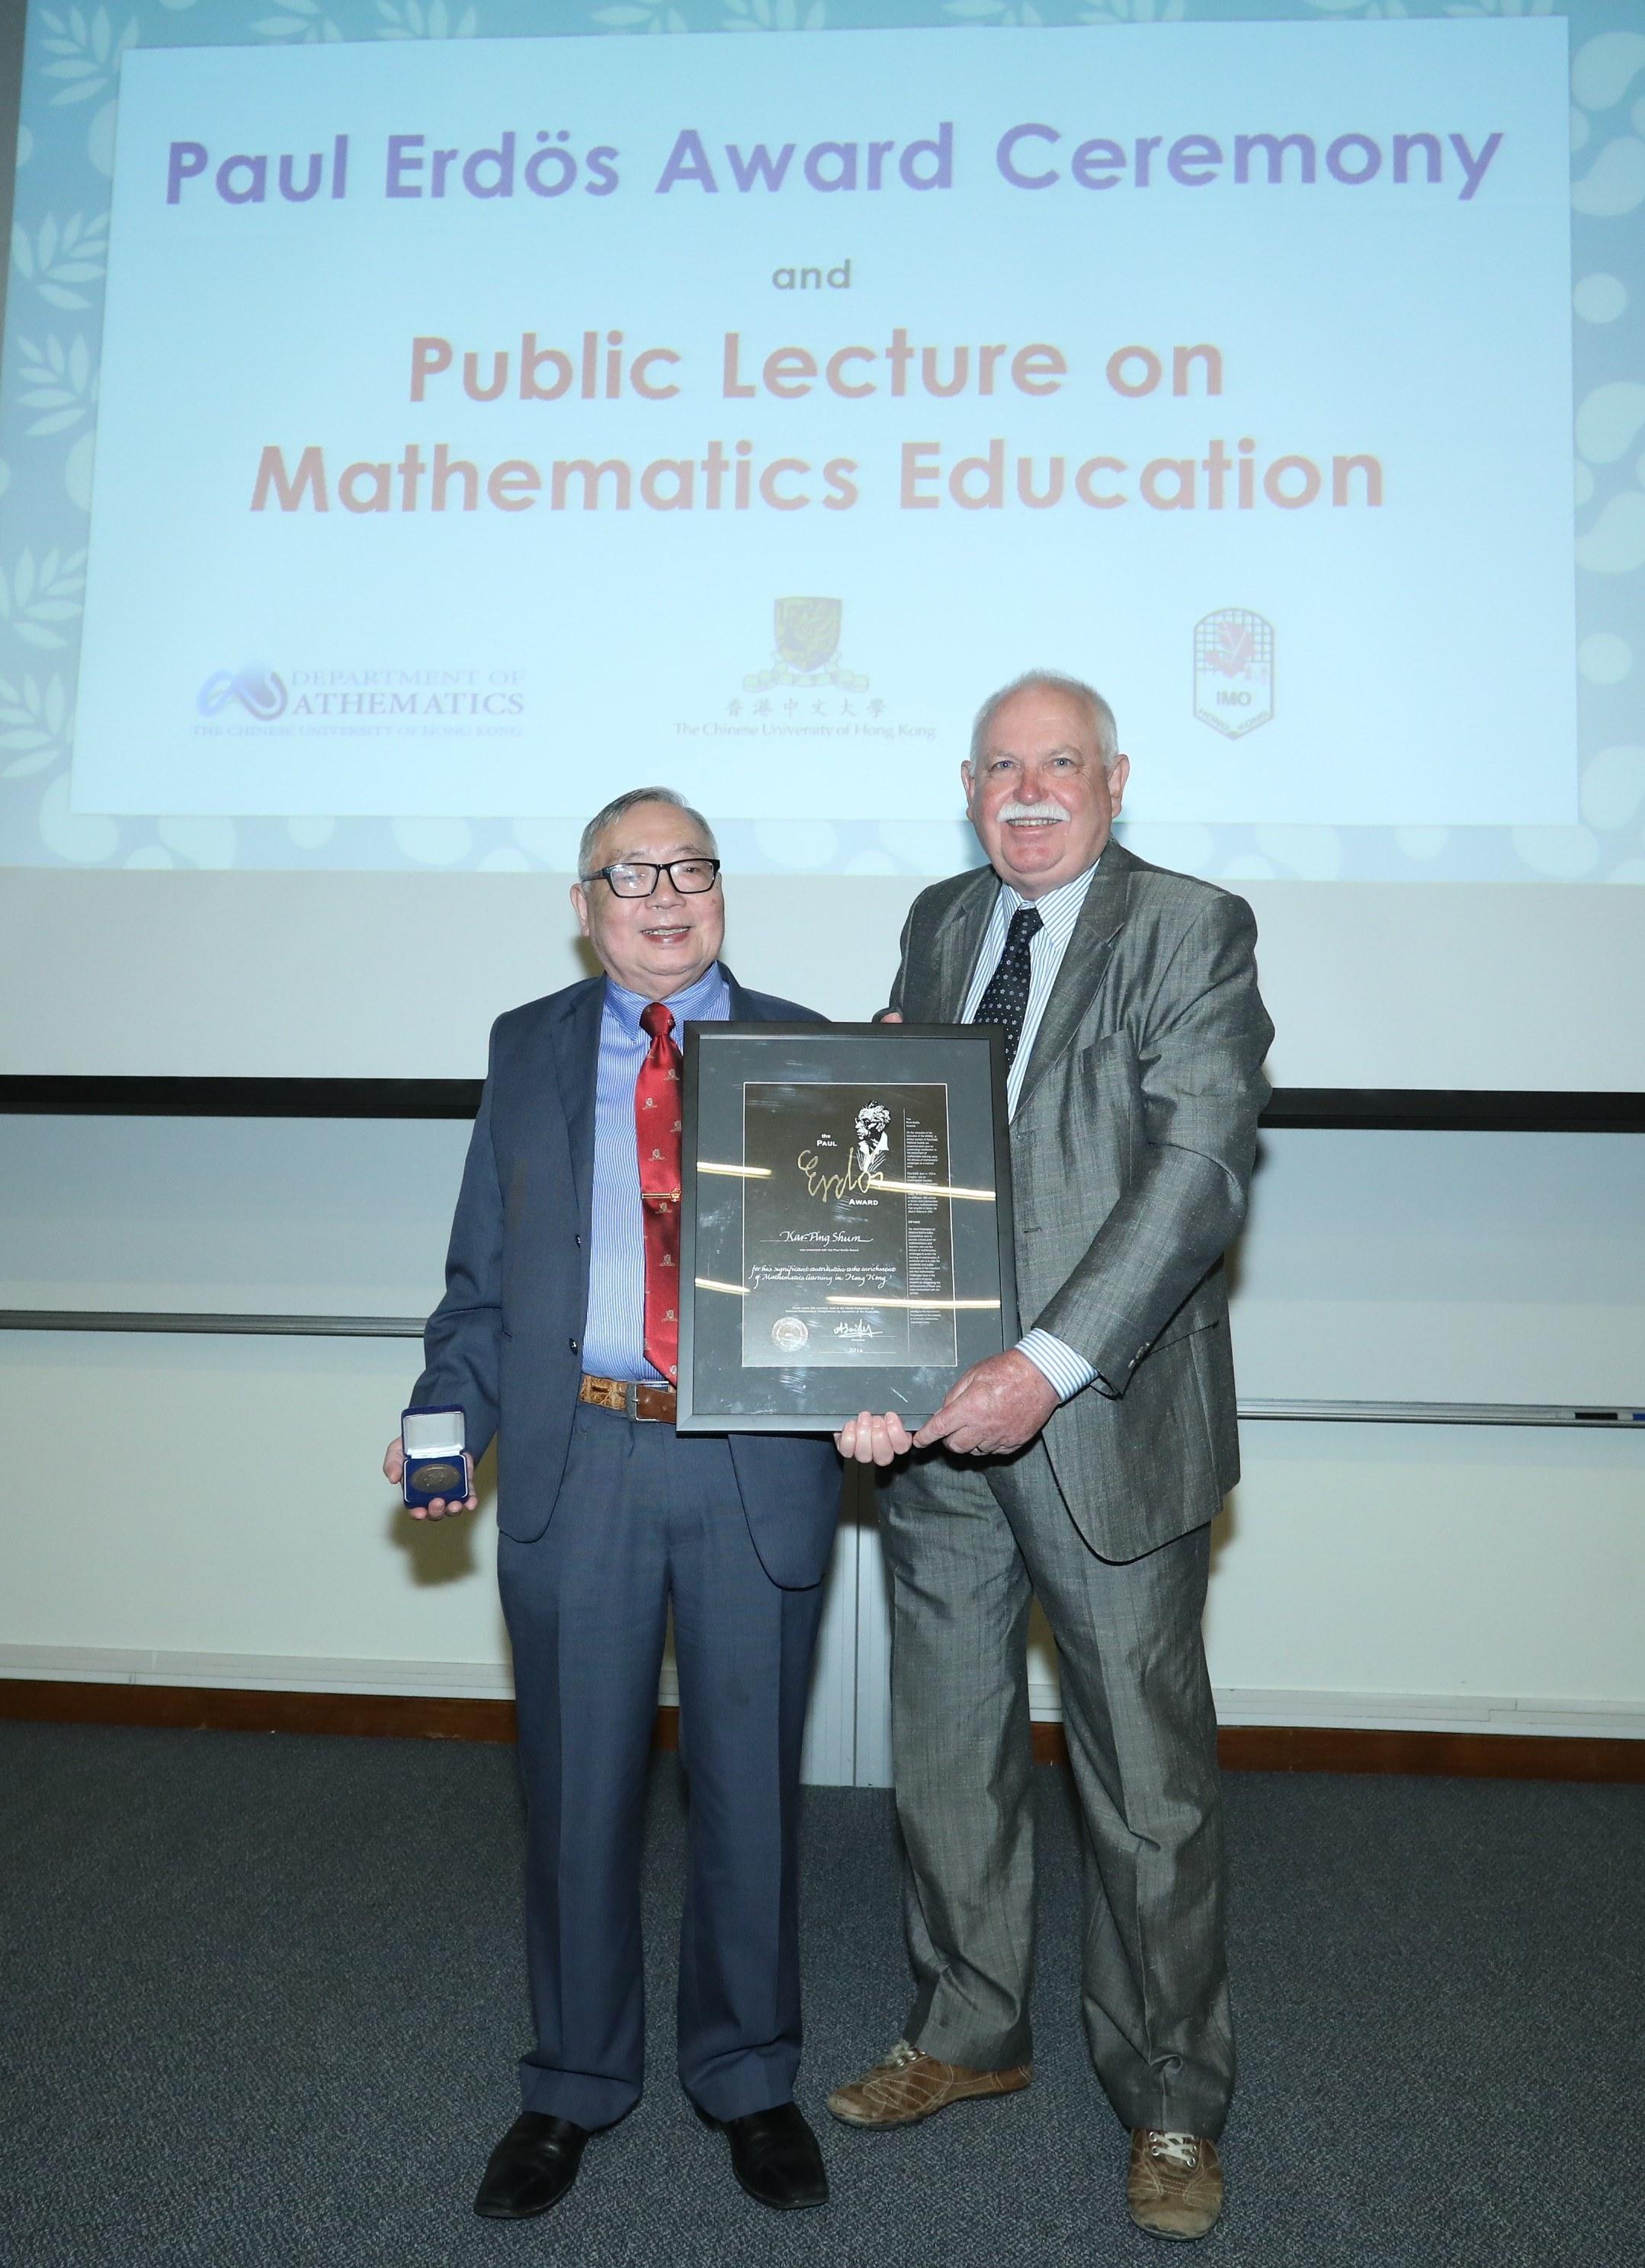 彼得泰勒教授(右)頒授2016年度保羅‧埃爾德斯數學大獎予岑嘉評教授。